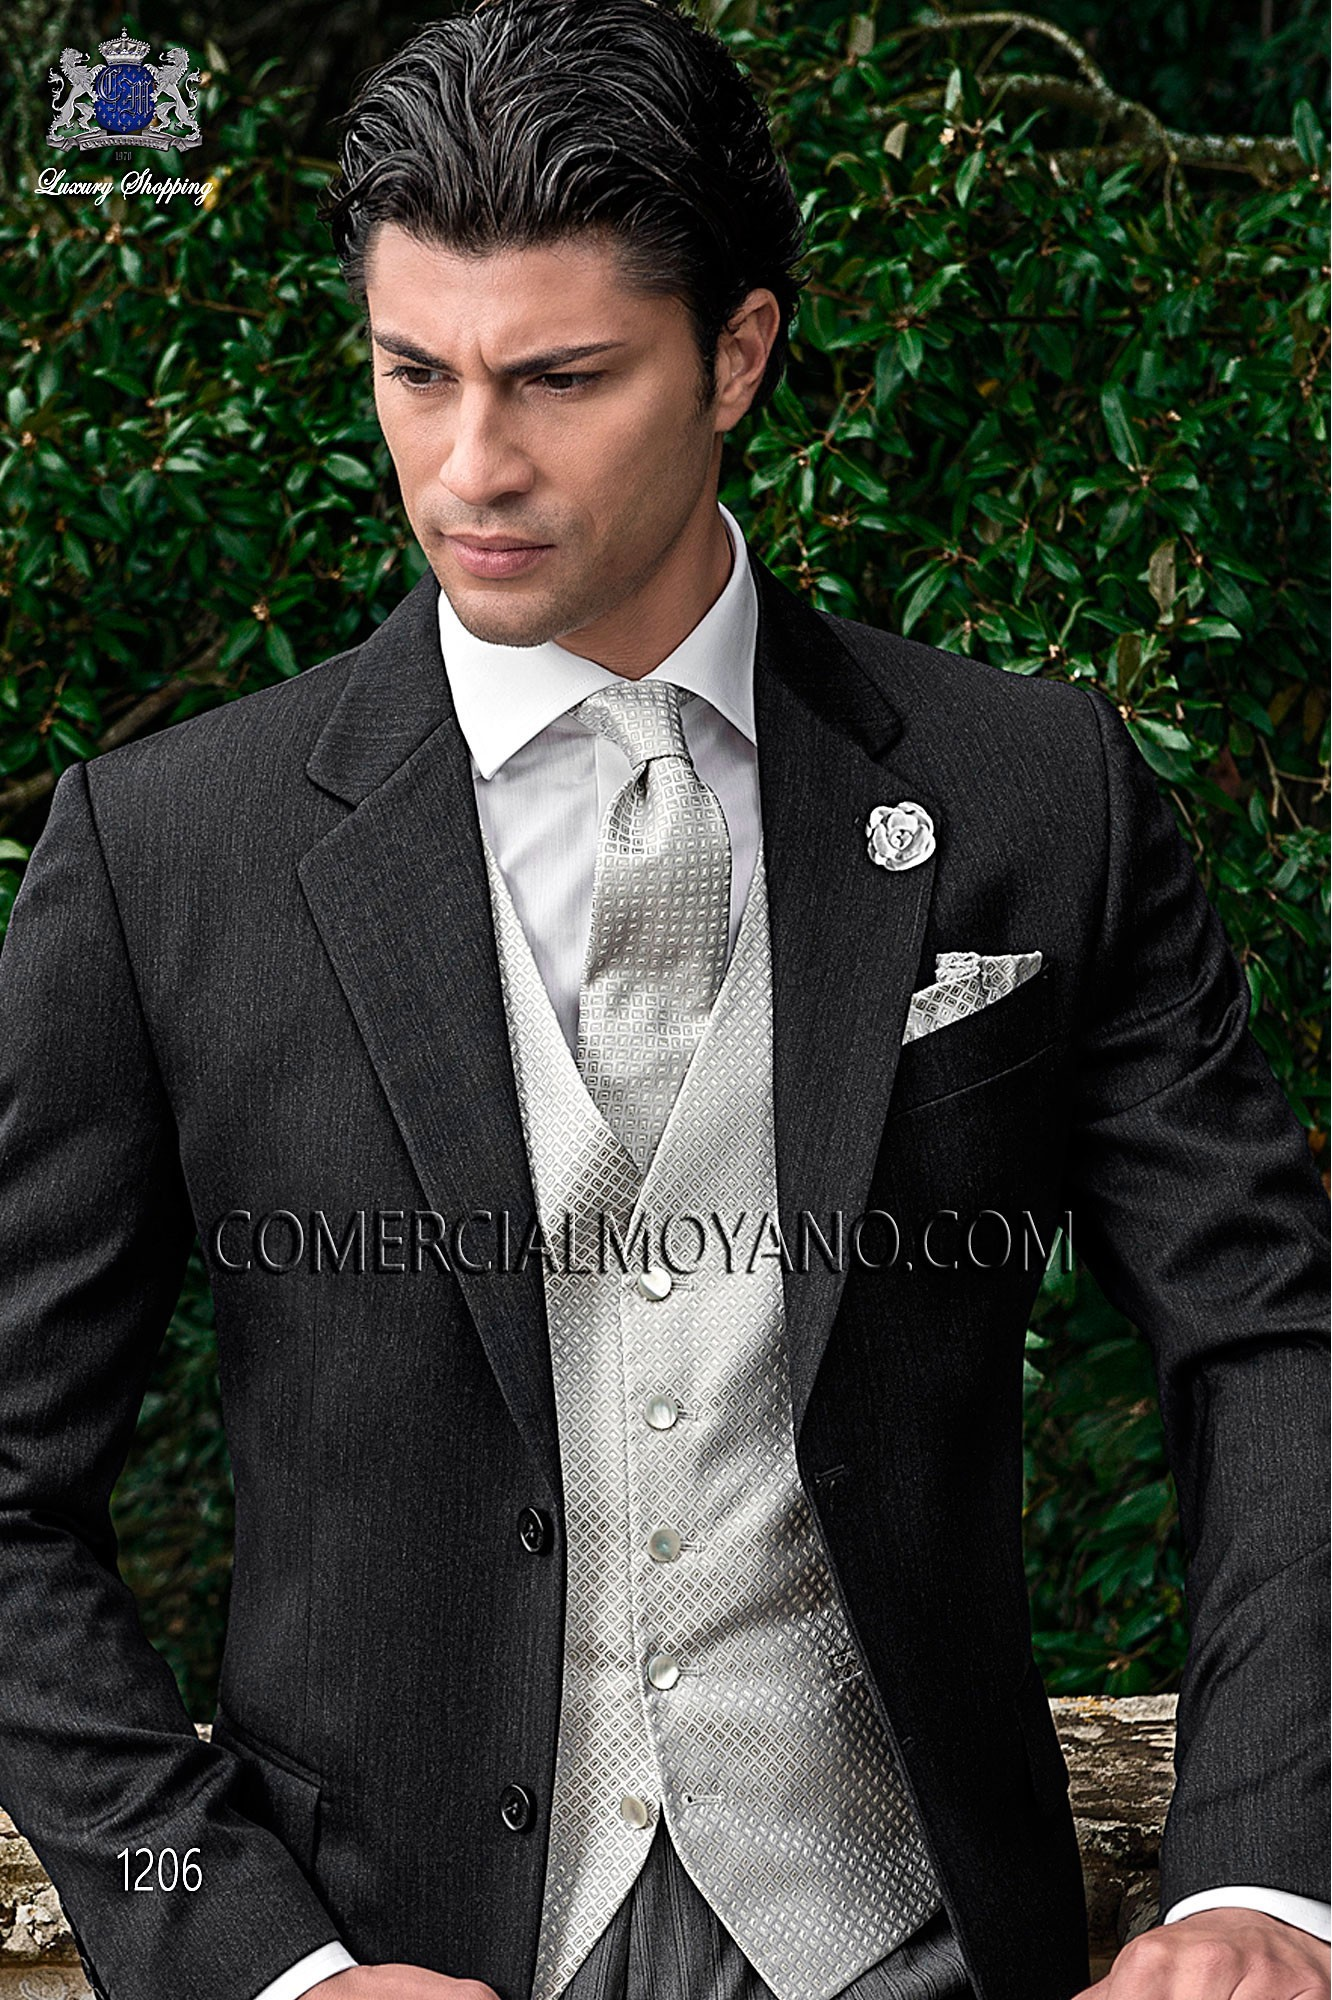 Traje Gentleman de novio gris modelo: 1206 Ottavio Nuccio Gala colección Gentleman 2017